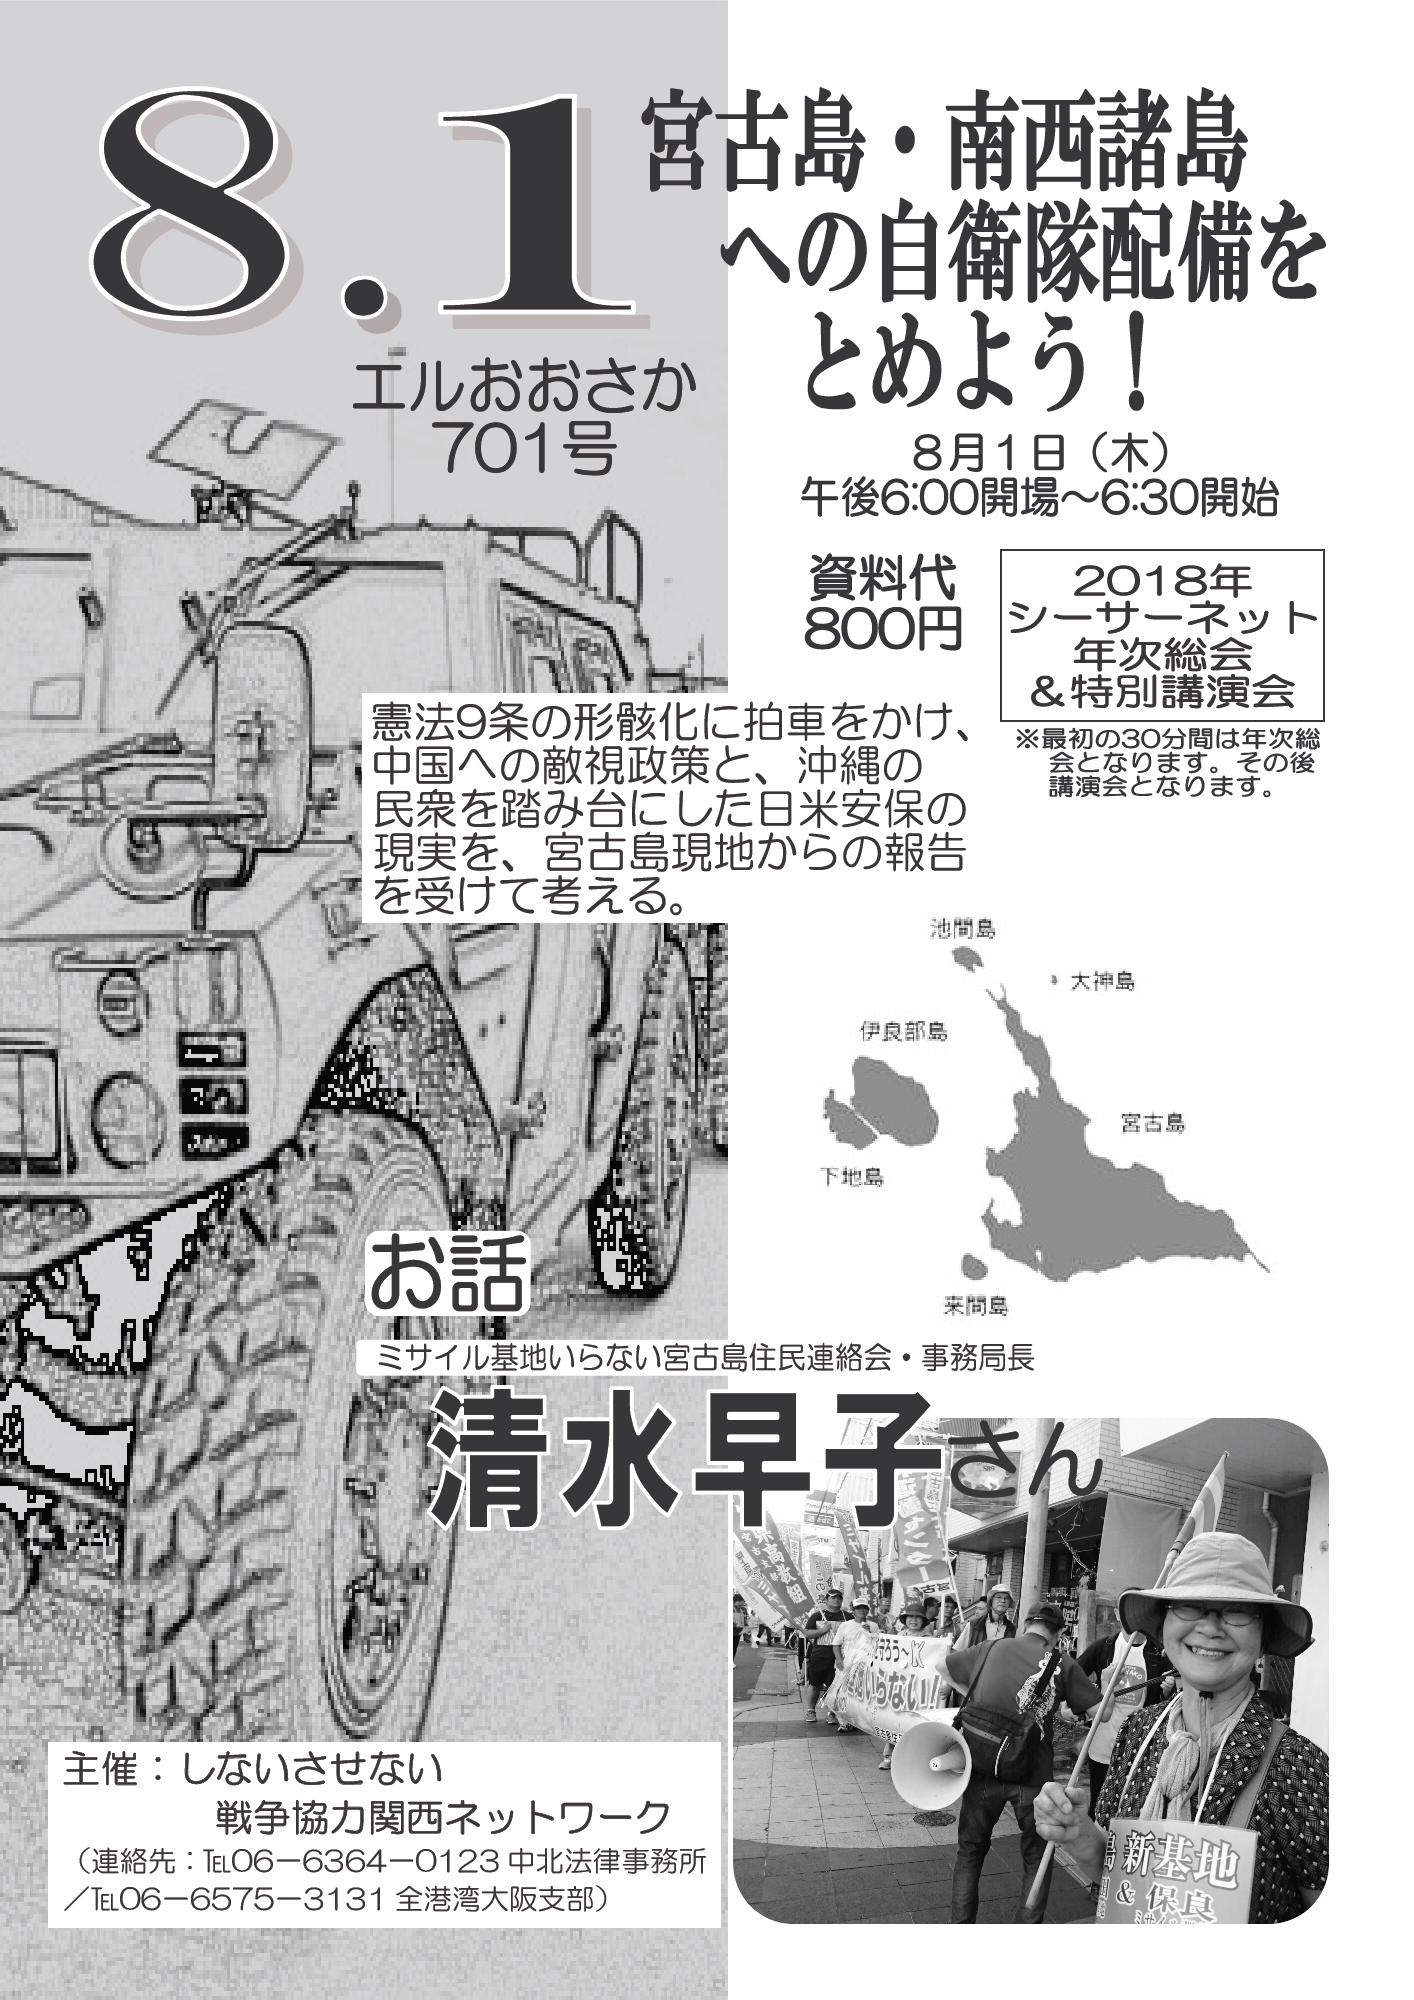 0801シーサーネット総会チラシ